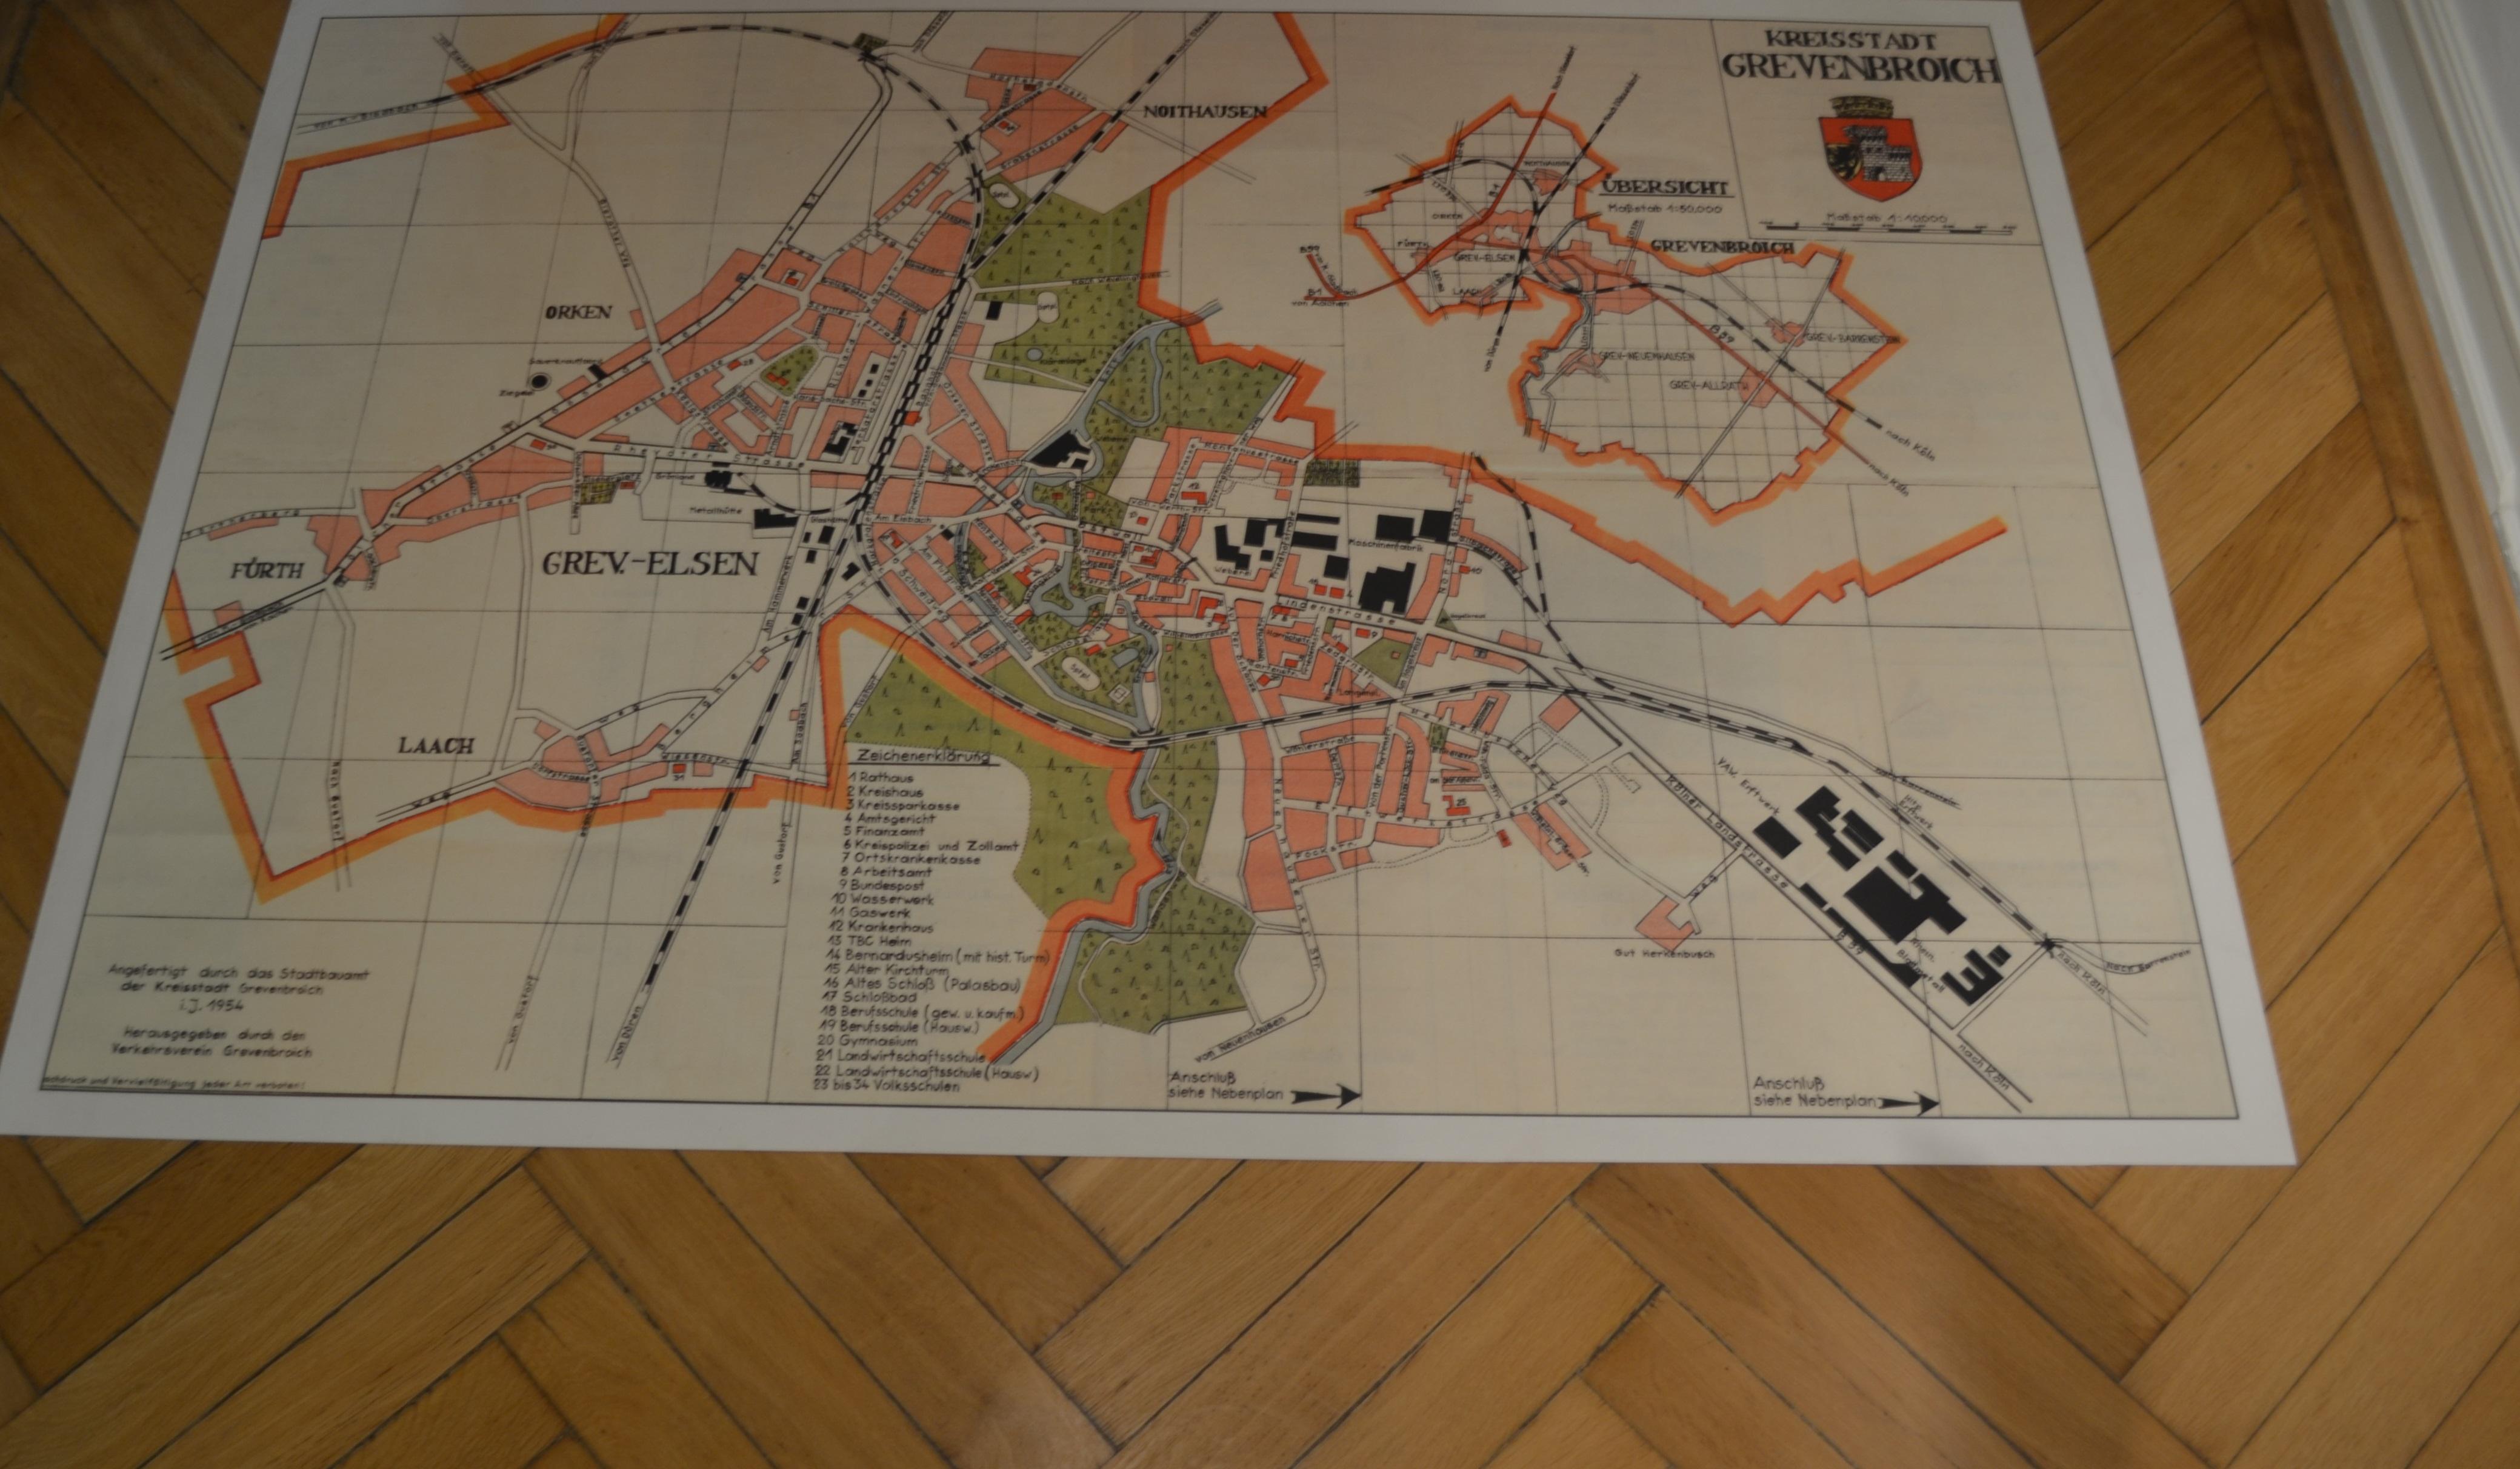 Stadtplan Als Bodenbild